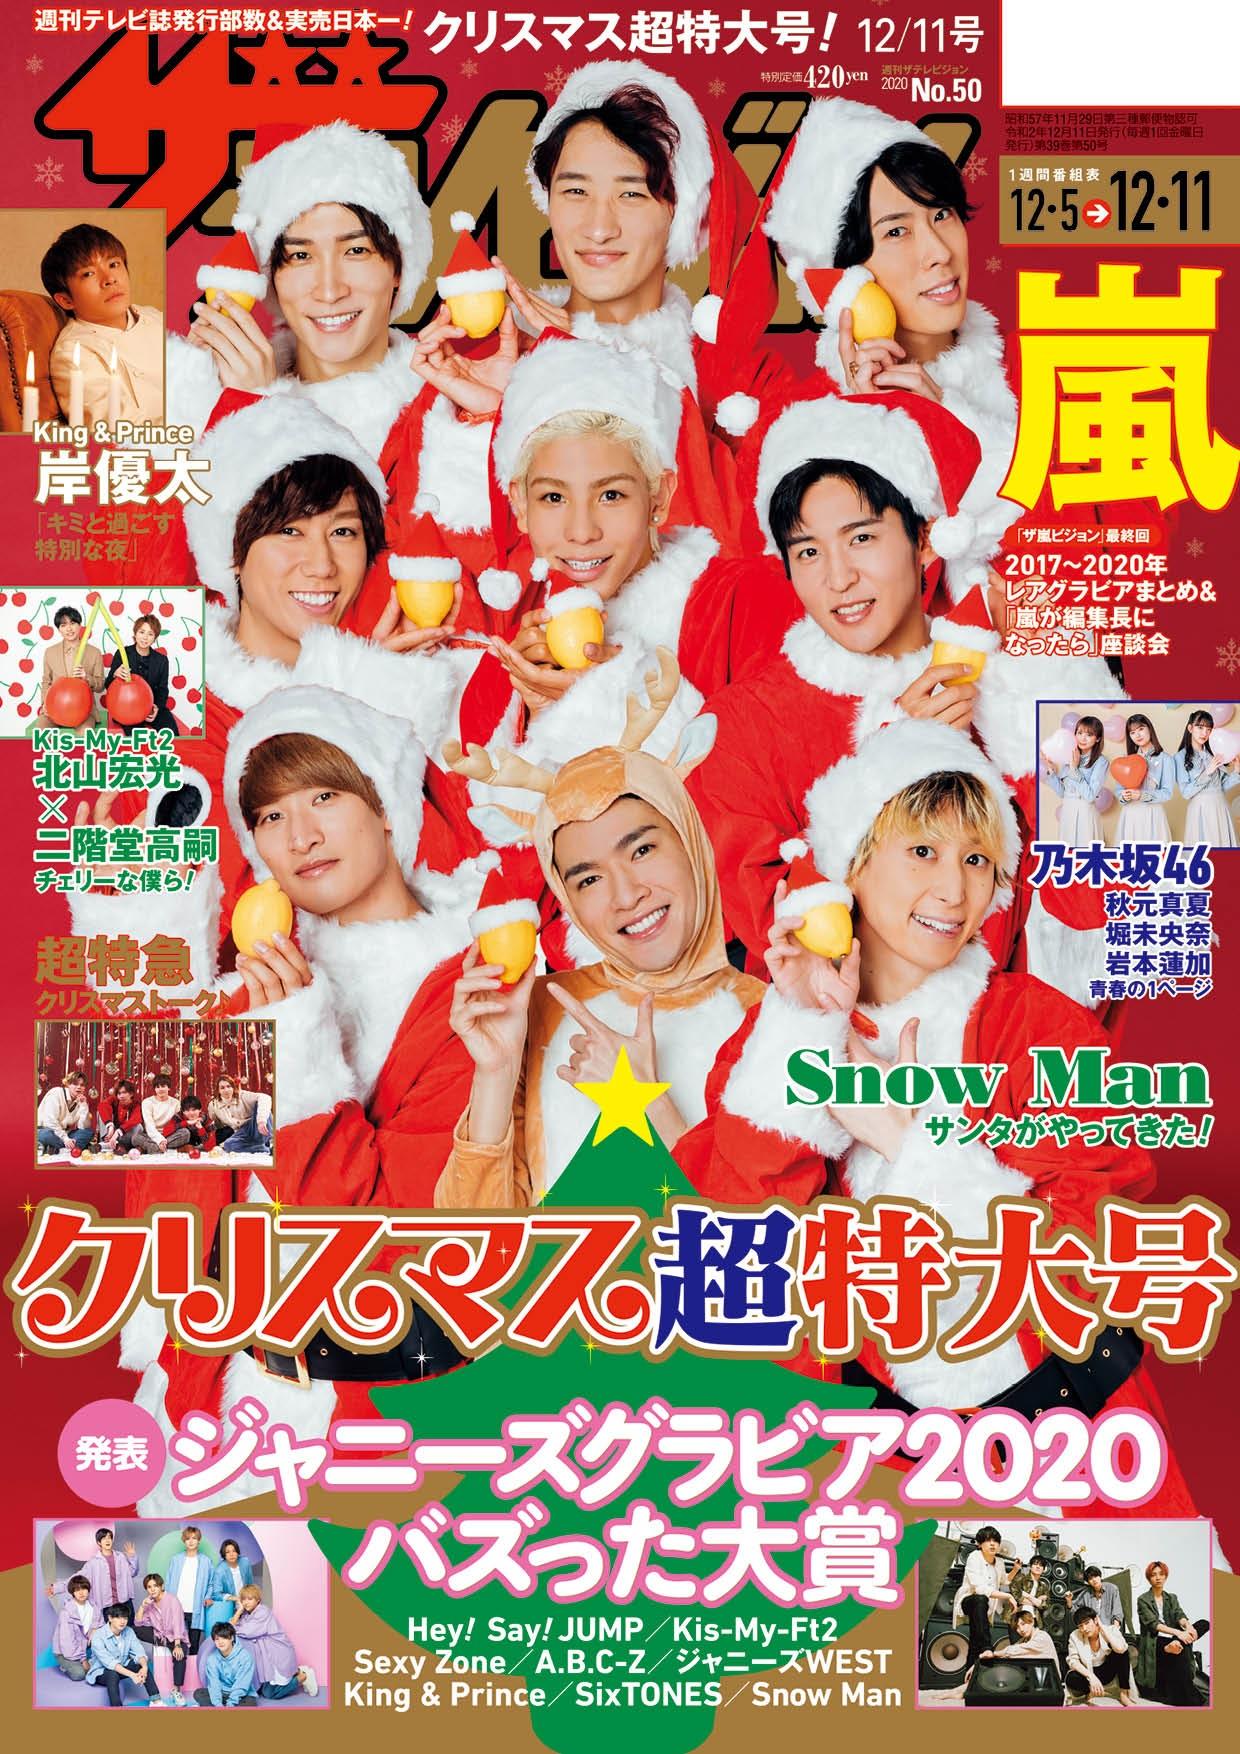 ザテレビジョン 関西版 2020年12/11号